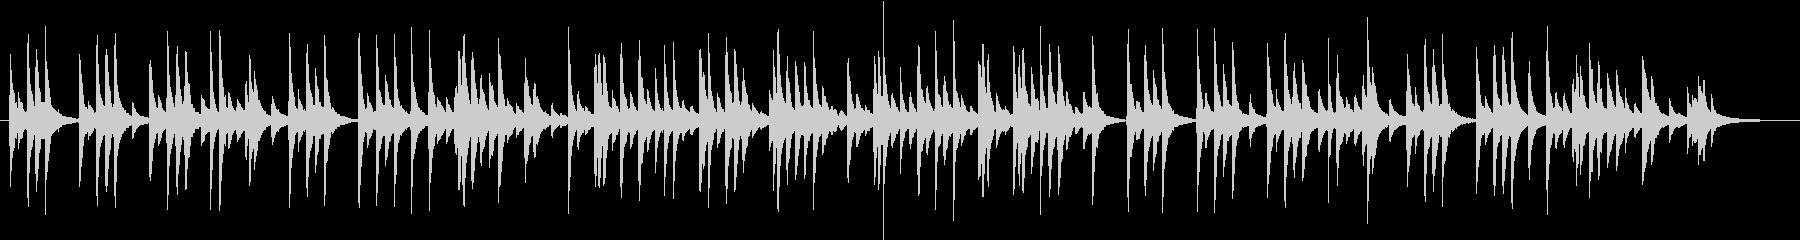 ゆったりとした和風、琴のBGMの未再生の波形